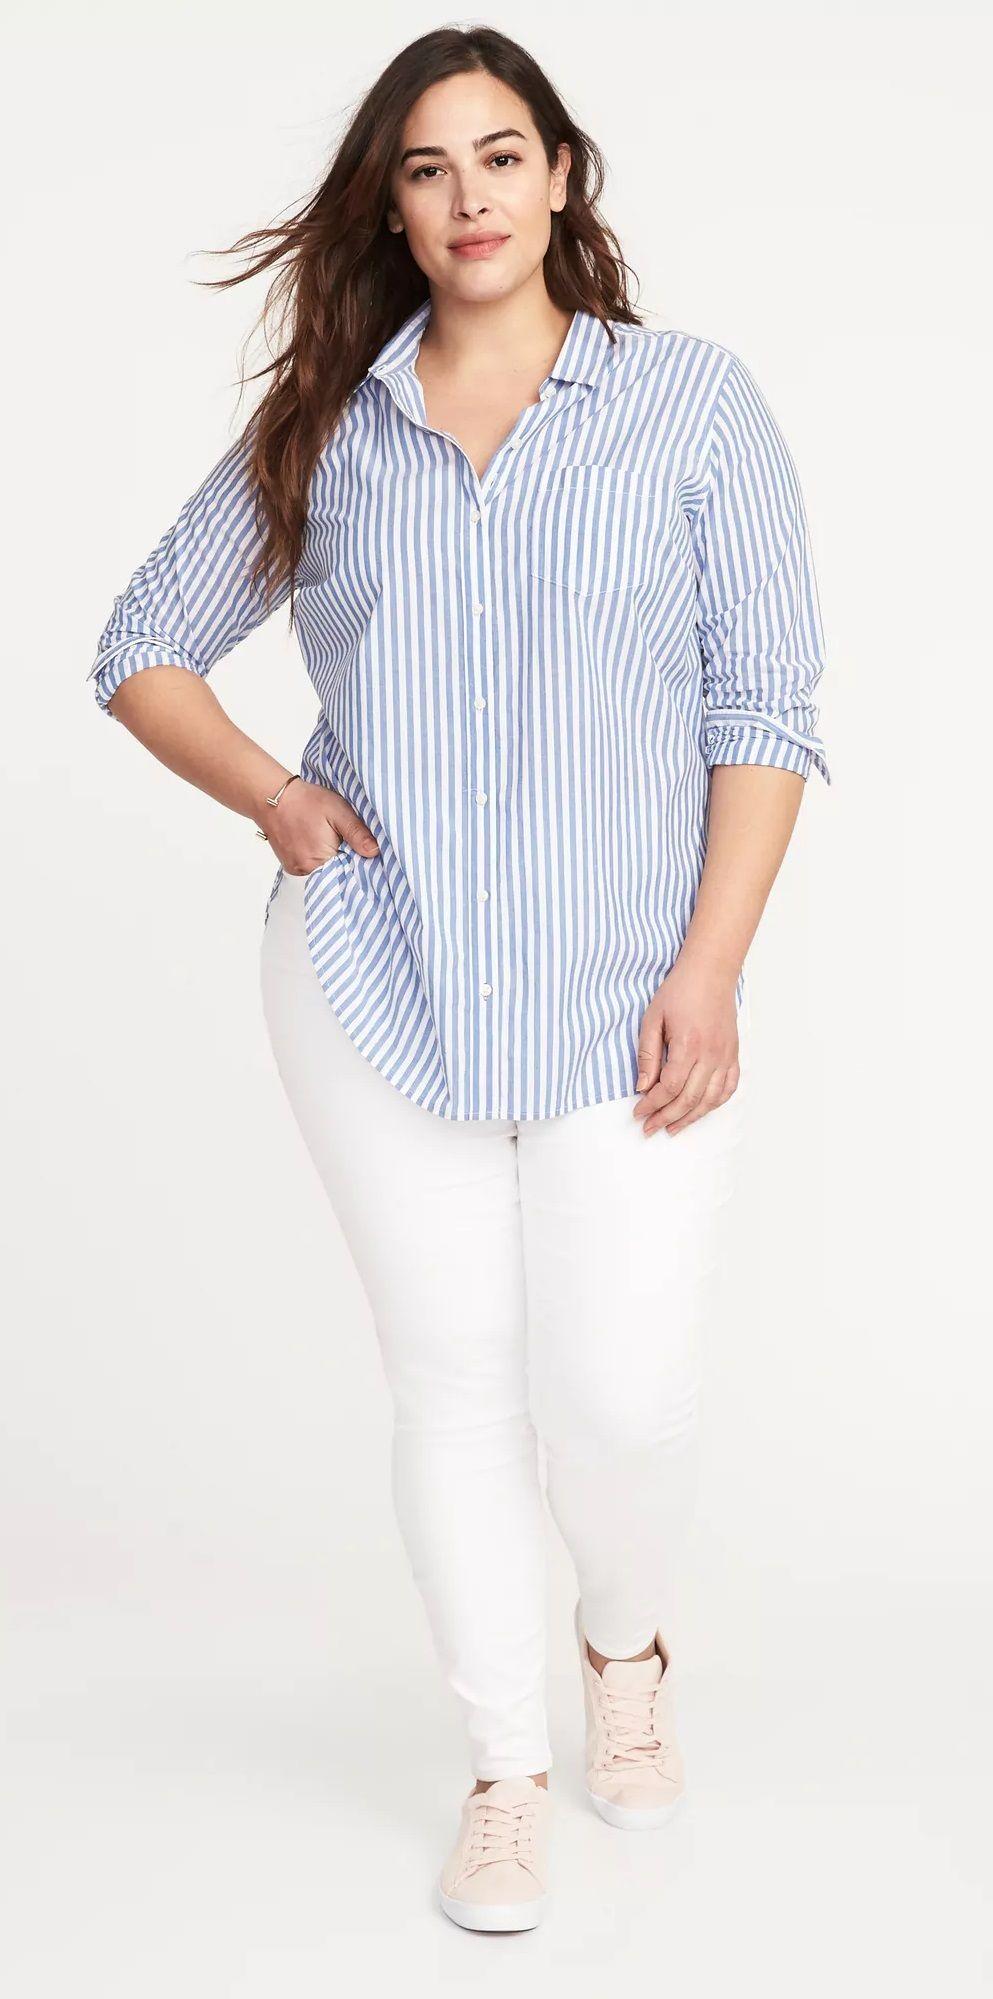 White Dress Shirt Plus Size - DREAMWORKS